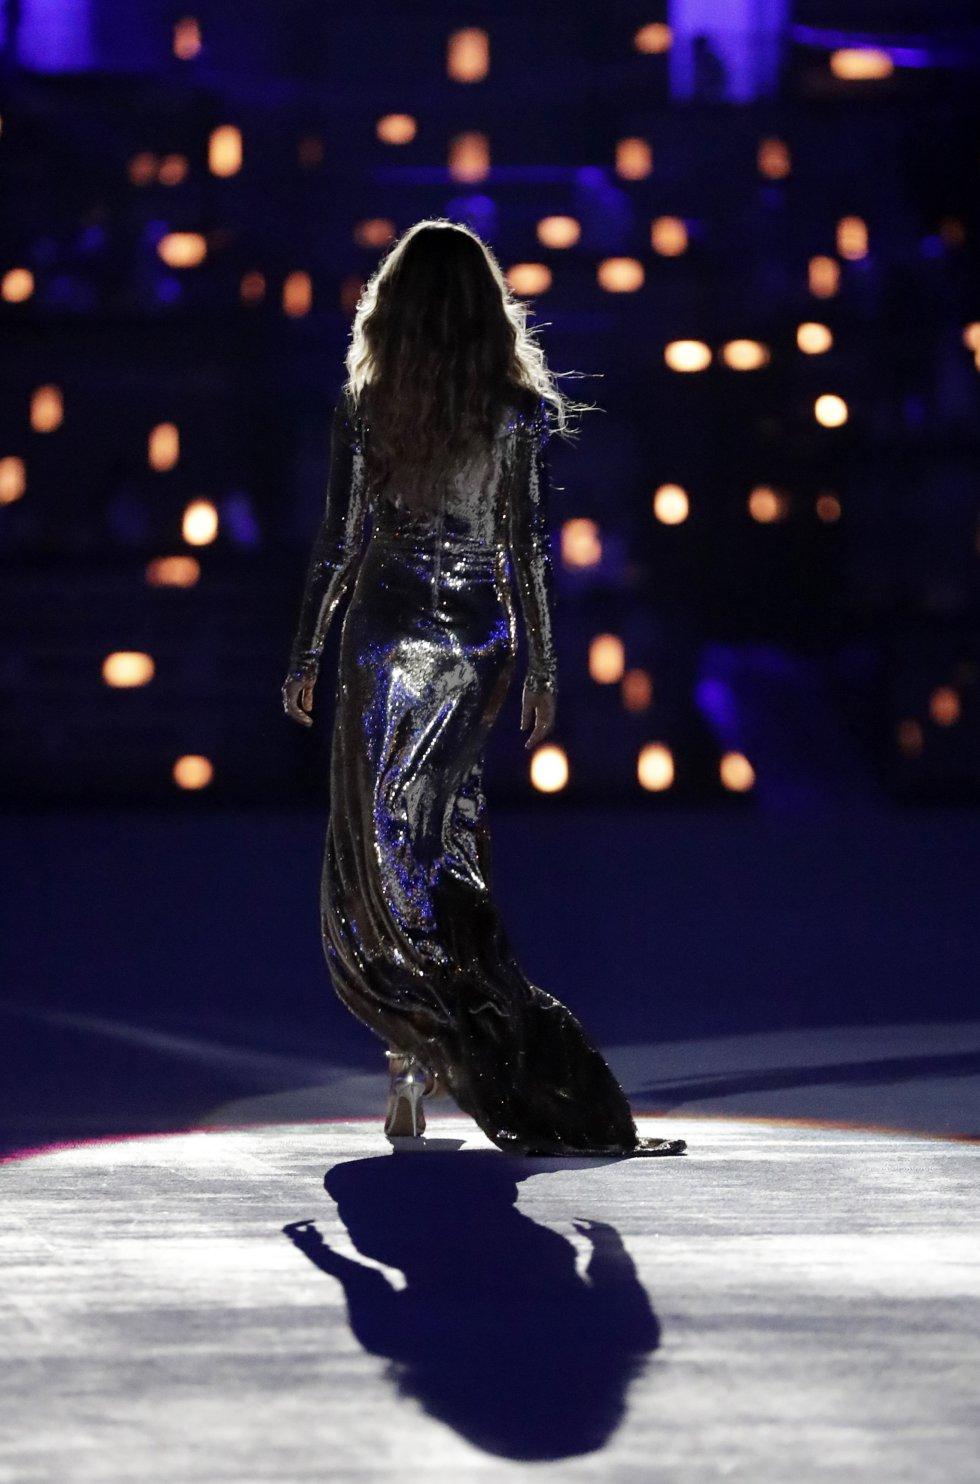 """Las notas de la """"Garota"""" provocaron una sonora ovación en el estadio mientras la modelo brasileña avanzaba por el centro del escenario."""